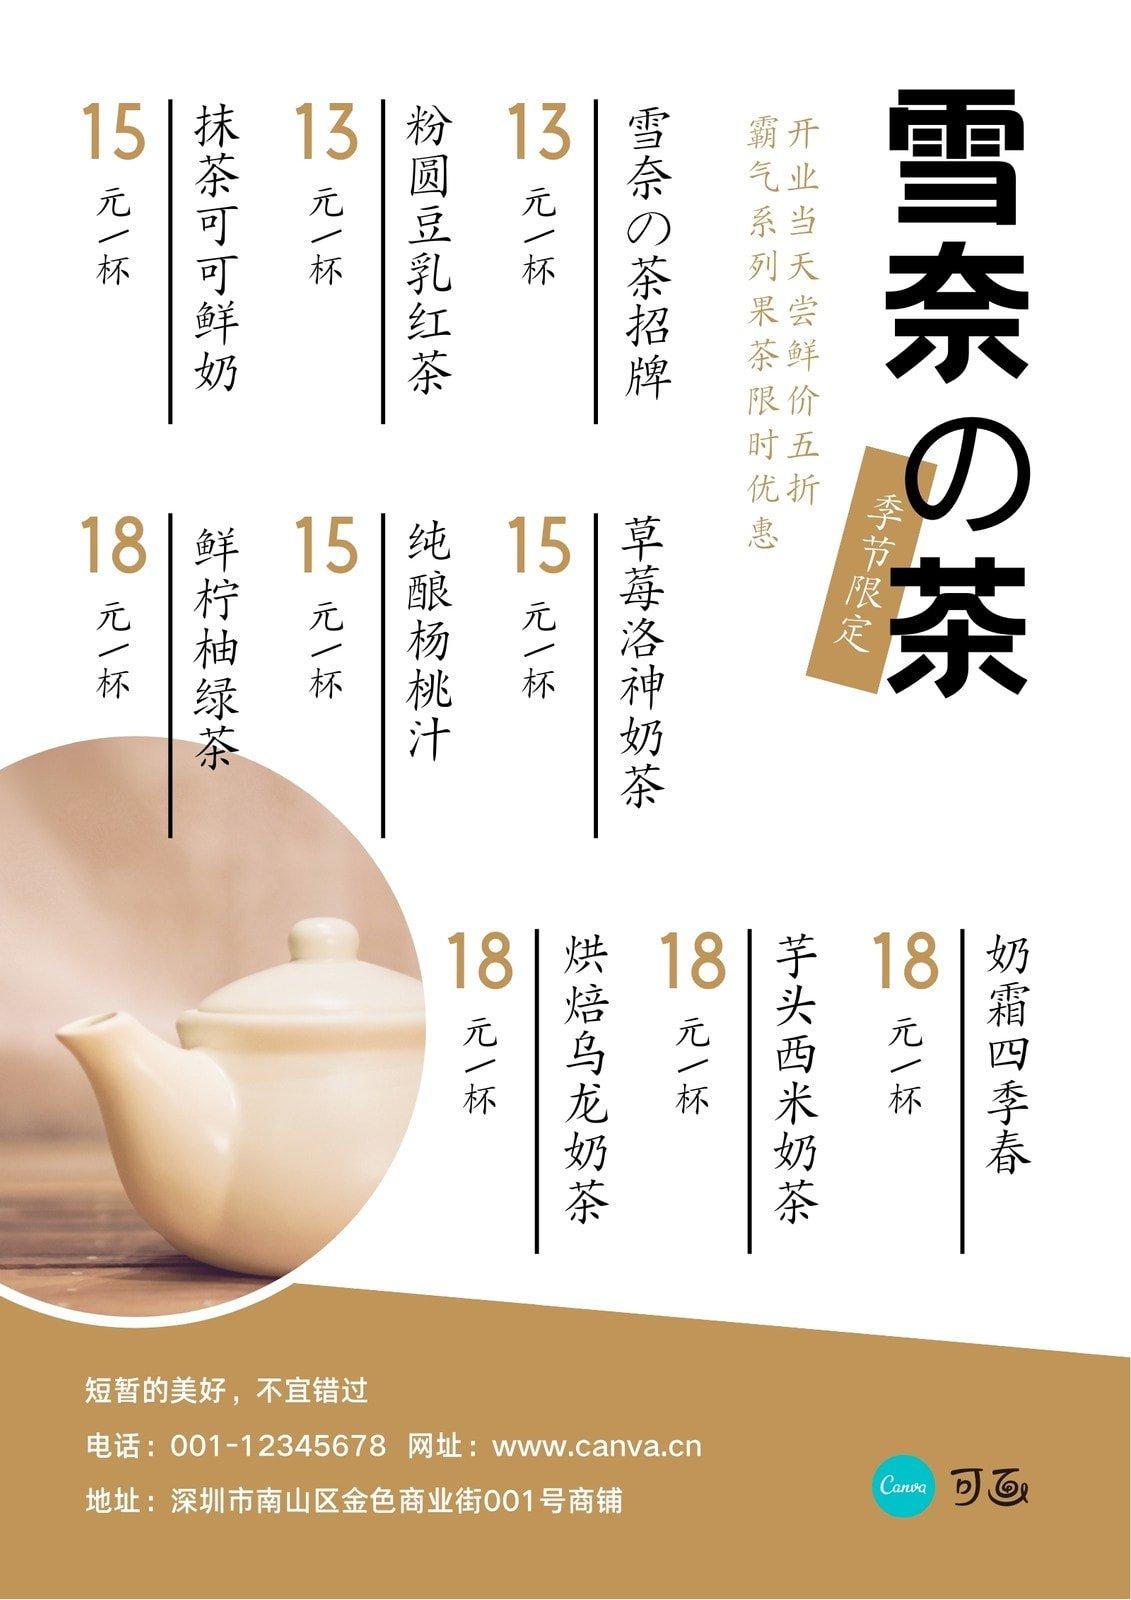 白黄色茶壶照片现代菜单